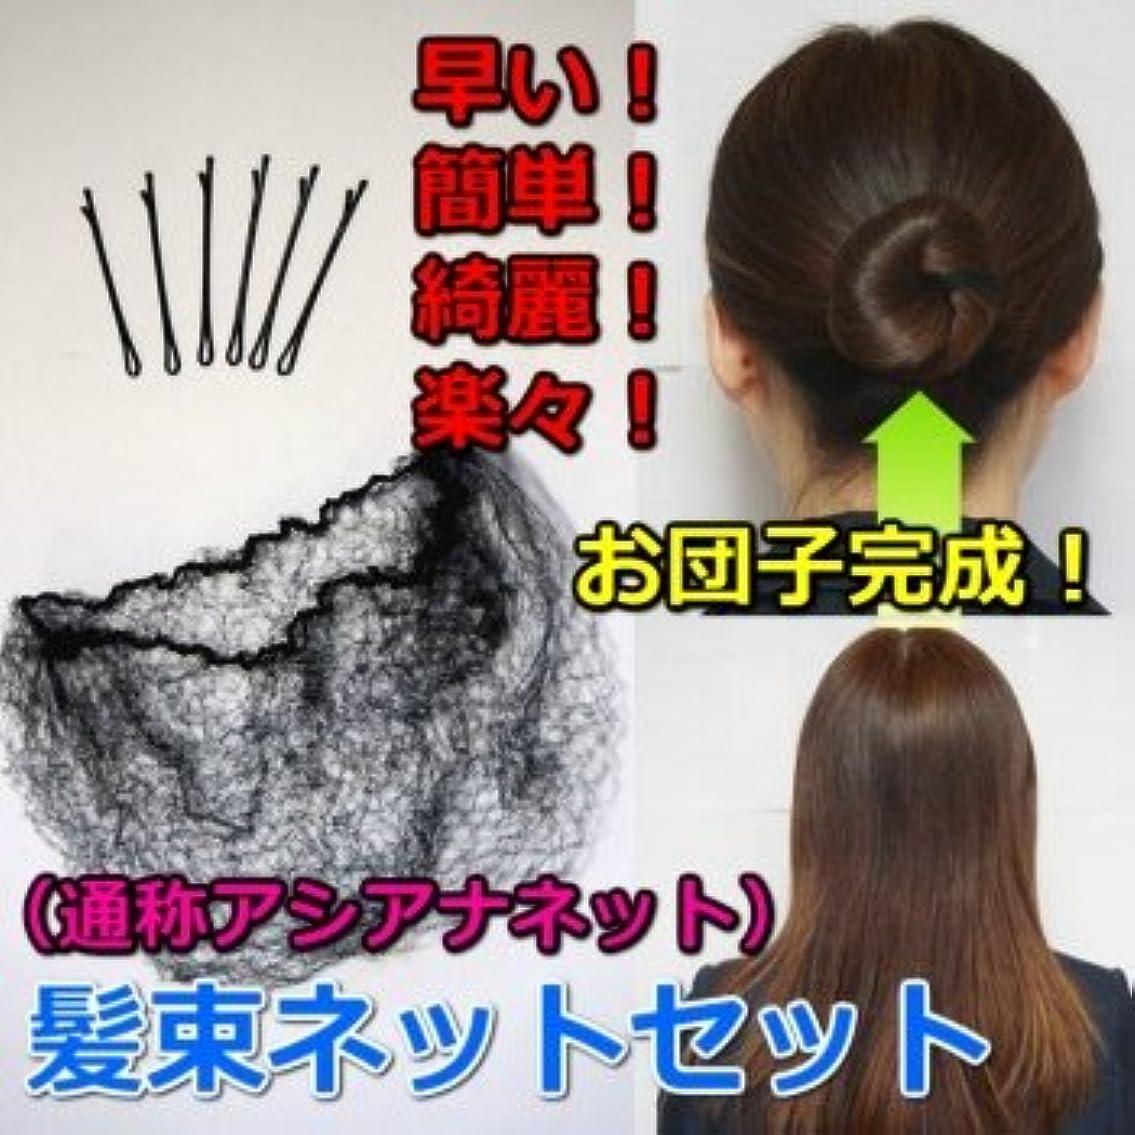 メロドラマスキーム楽しい髪束ねネットセット(アシアナネット) 50枚セット